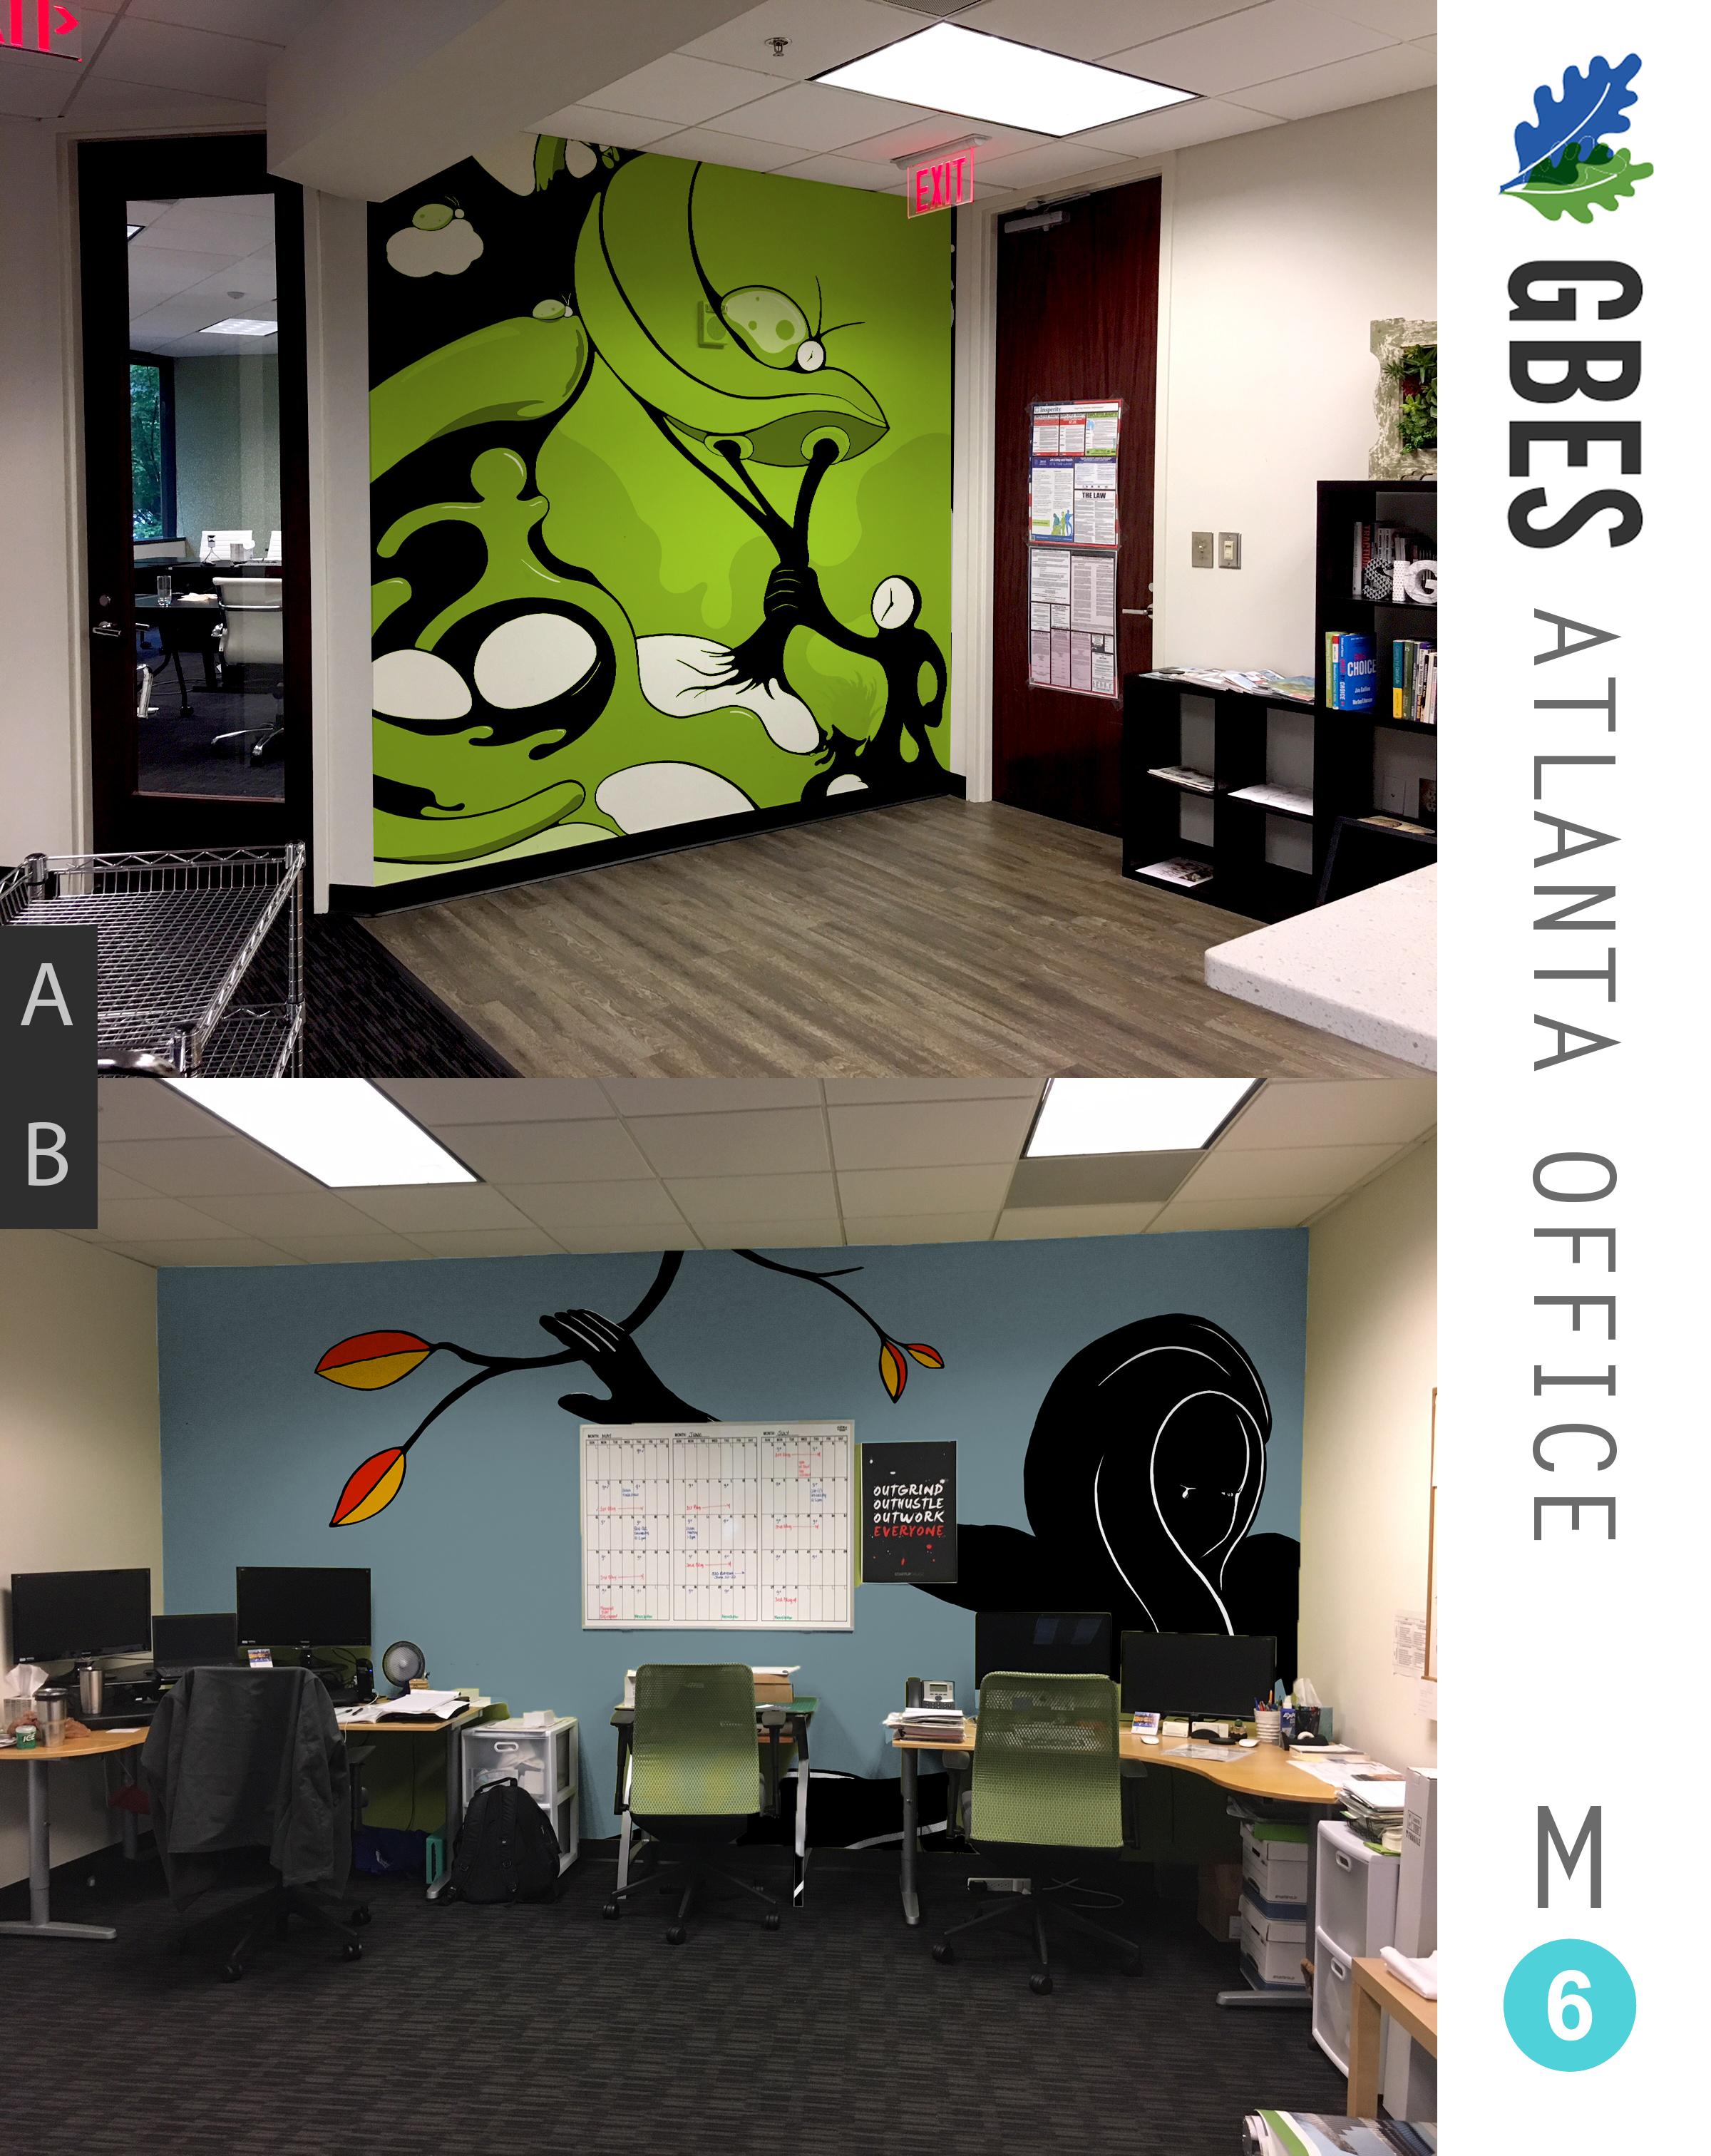 gbes-mural-mock-06